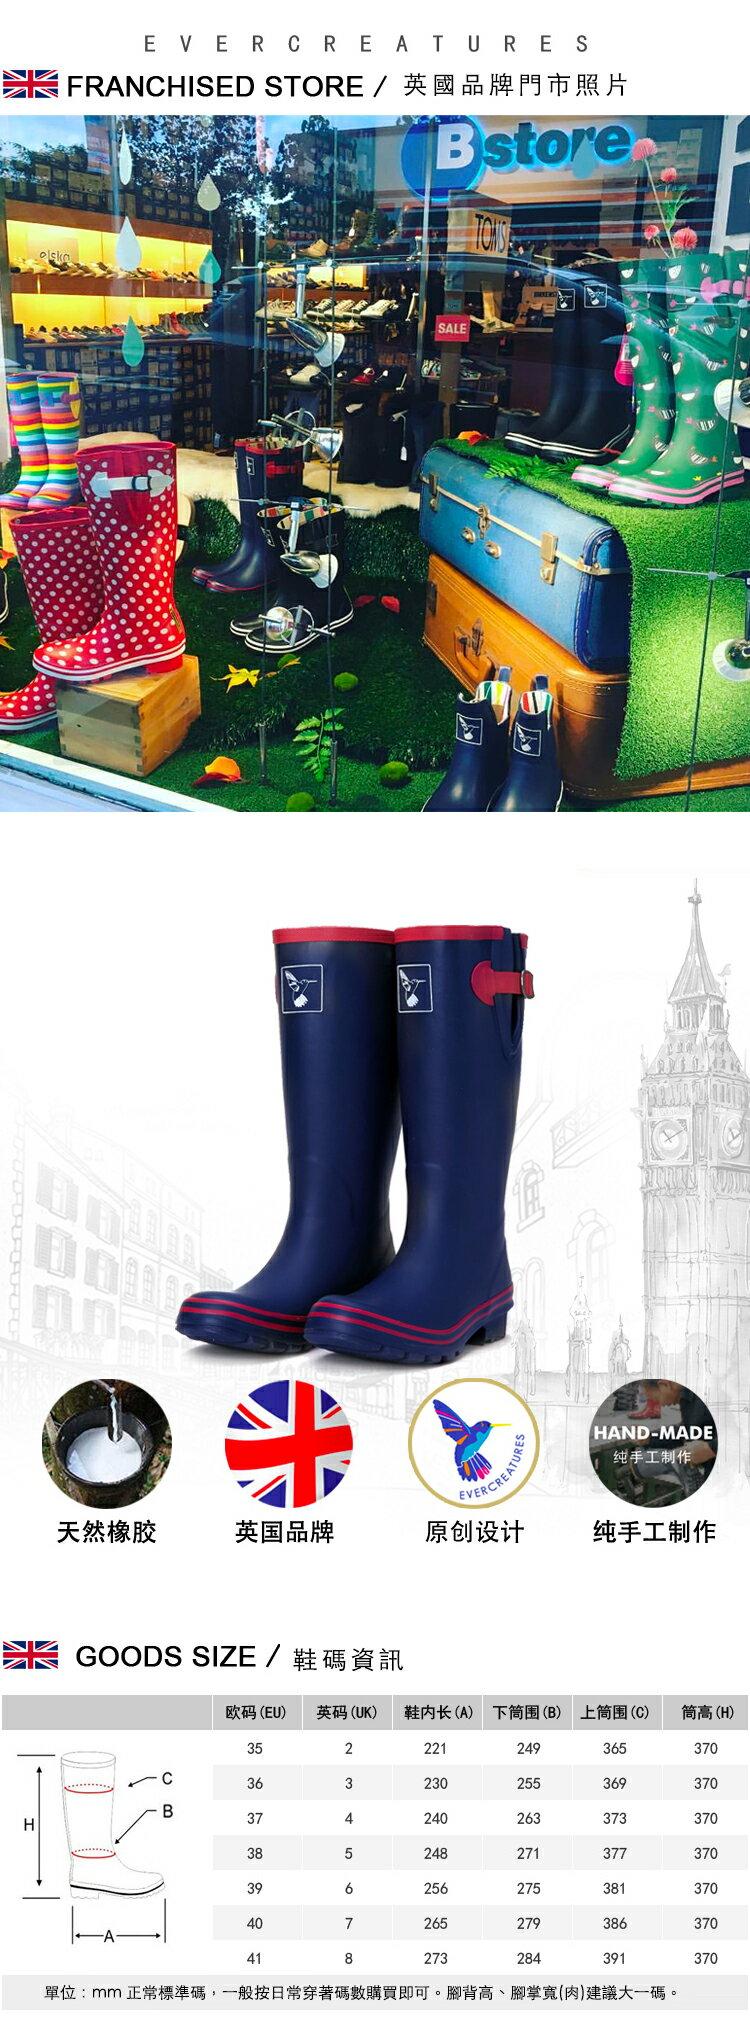 AT日韓-英國品牌雨鞋,藍色紅邊高筒雨靴馬靴【S809003】 1